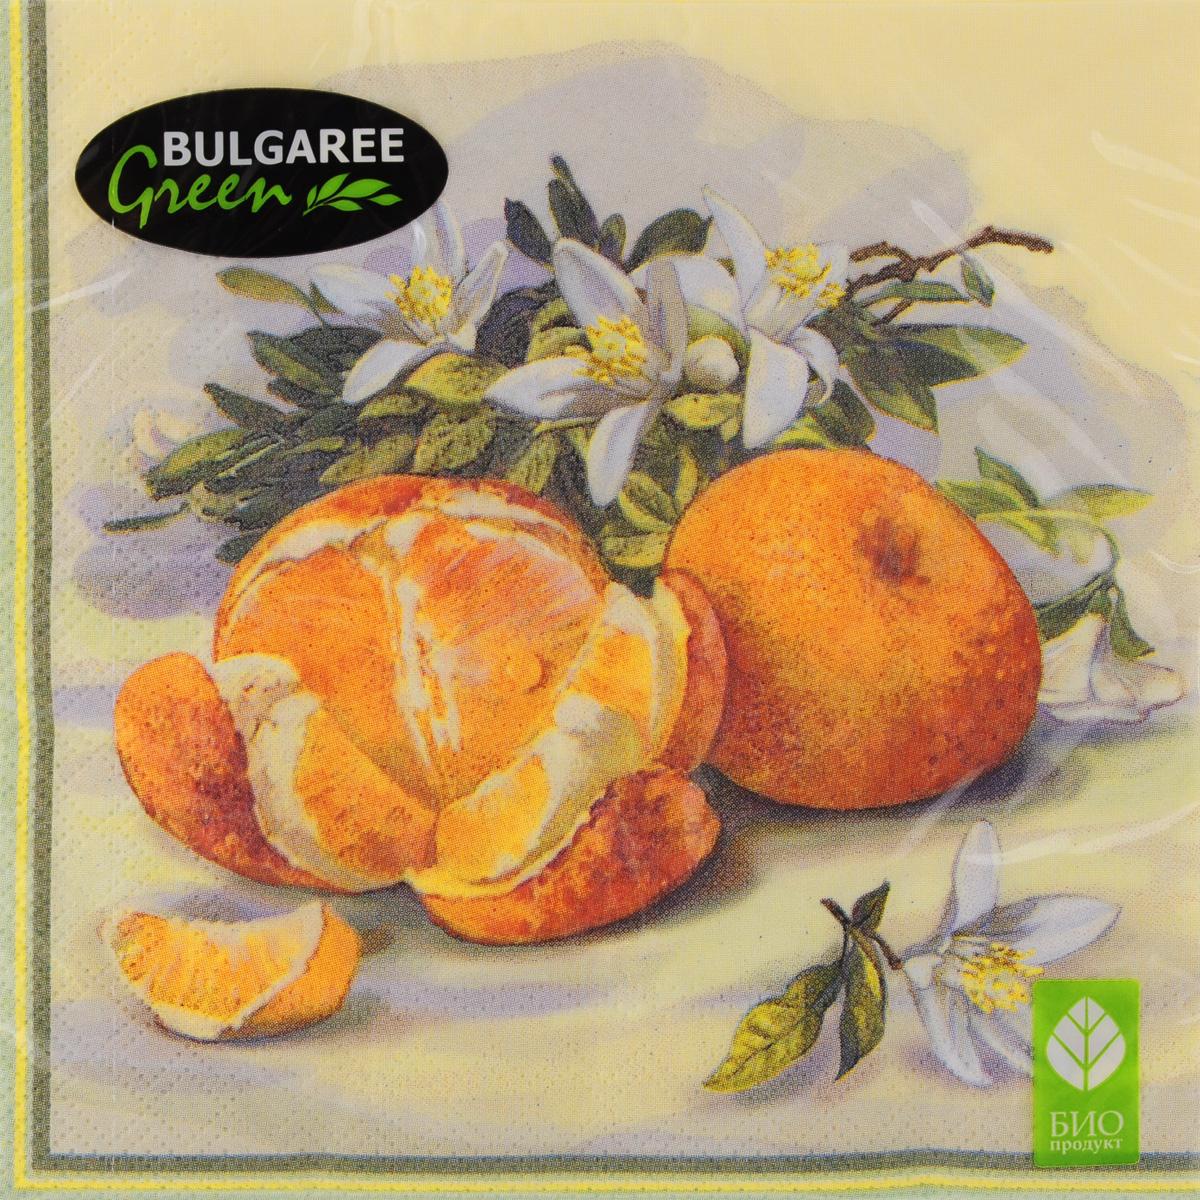 Салфетки бумажные Bulgaree Green Апельсины, трехслойные, 33 х 33 см, 20 штTC-14FL-ACДекоративные трехслойные салфетки Bulgaree Green Апельсинывыполнены из 100%целлюлозы европейского качества и оформлены ярким рисунком. Изделиястанут отличнымдополнением любого праздничного стола. Они отличаются необычноймягкостью,прочностью и оригинальностью.Размер салфеток в развернутом виде: 33 х 33 см.